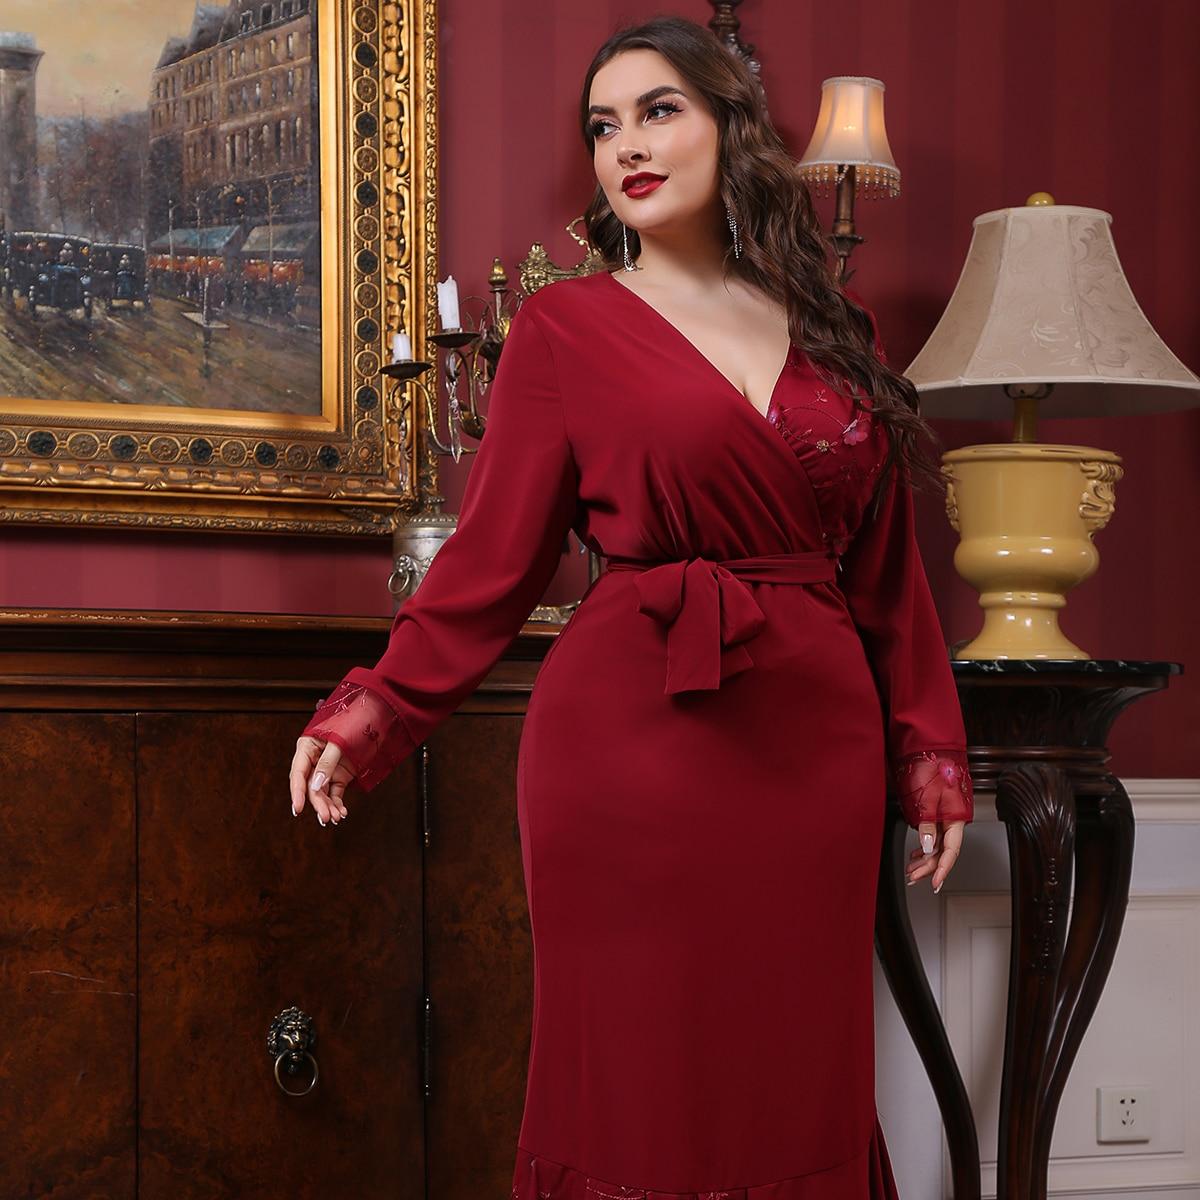 С оборками Одноцветный Очаровательный Платья размер плюс